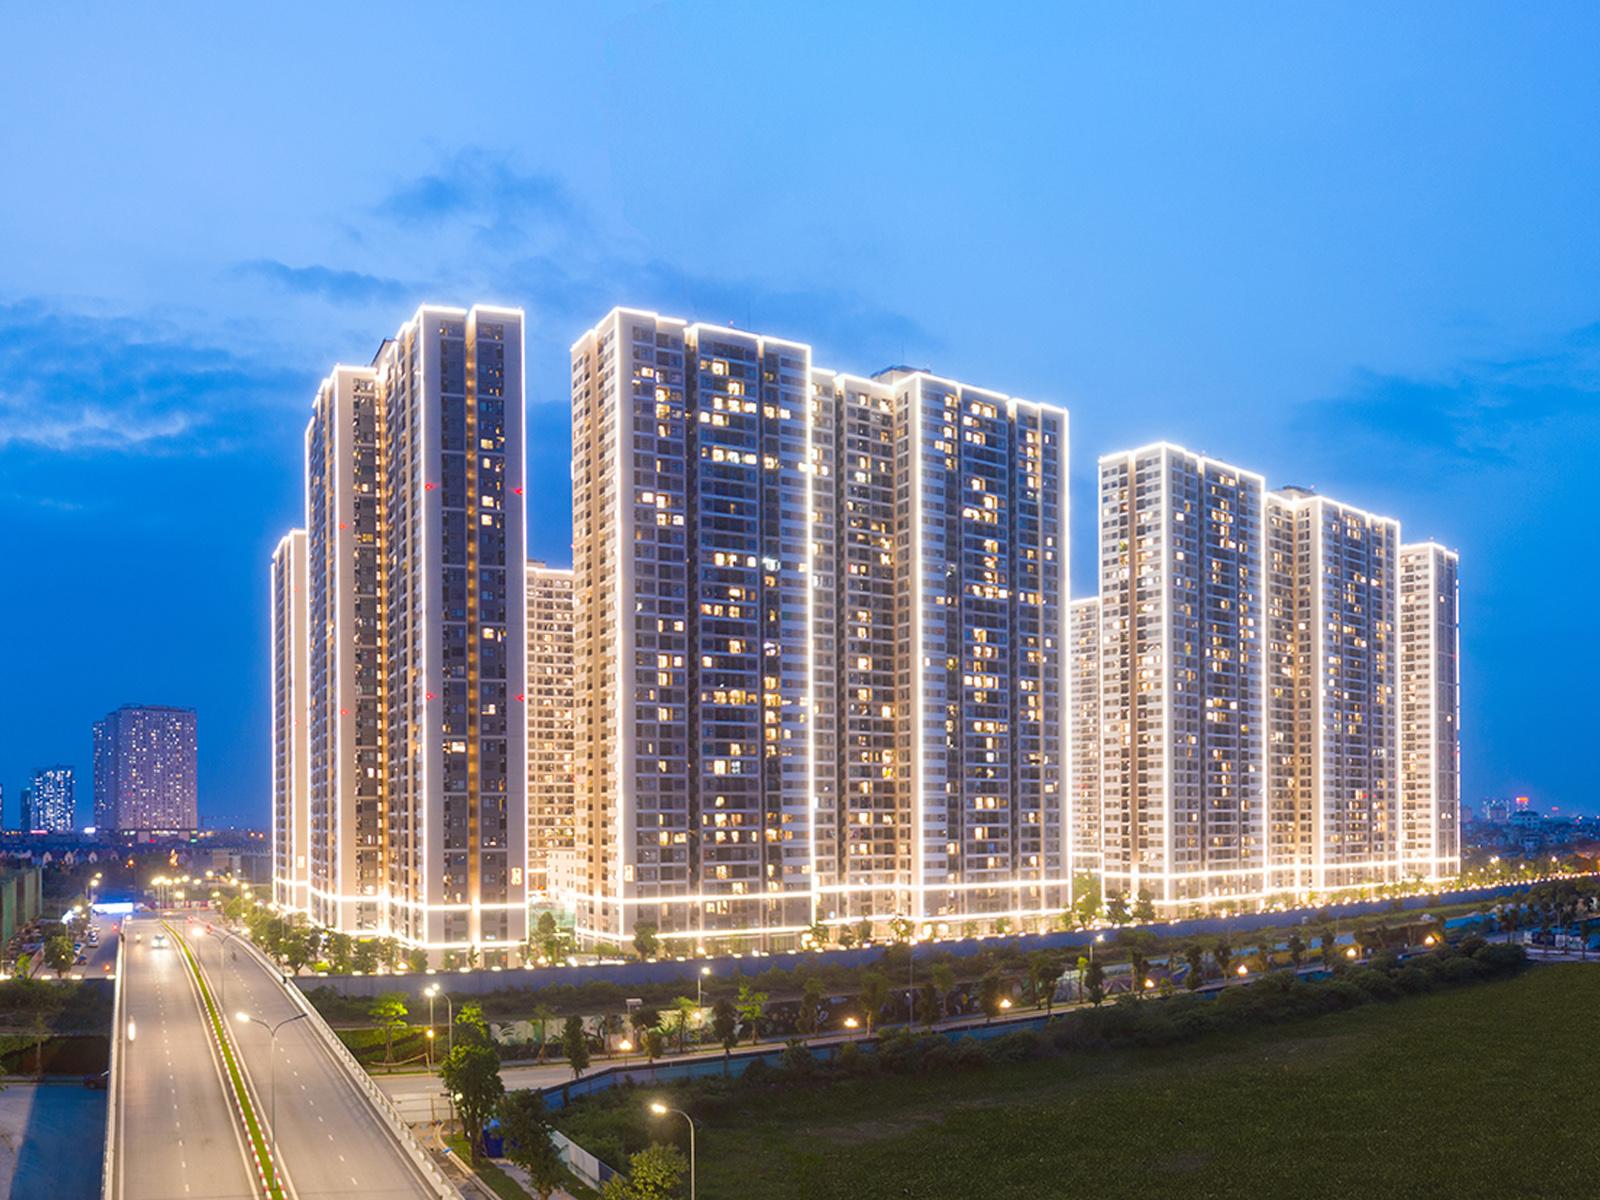 Tiến độ dự án Vinhomes Smart City được đảm bảo theo cam kết của chủ đầu tư